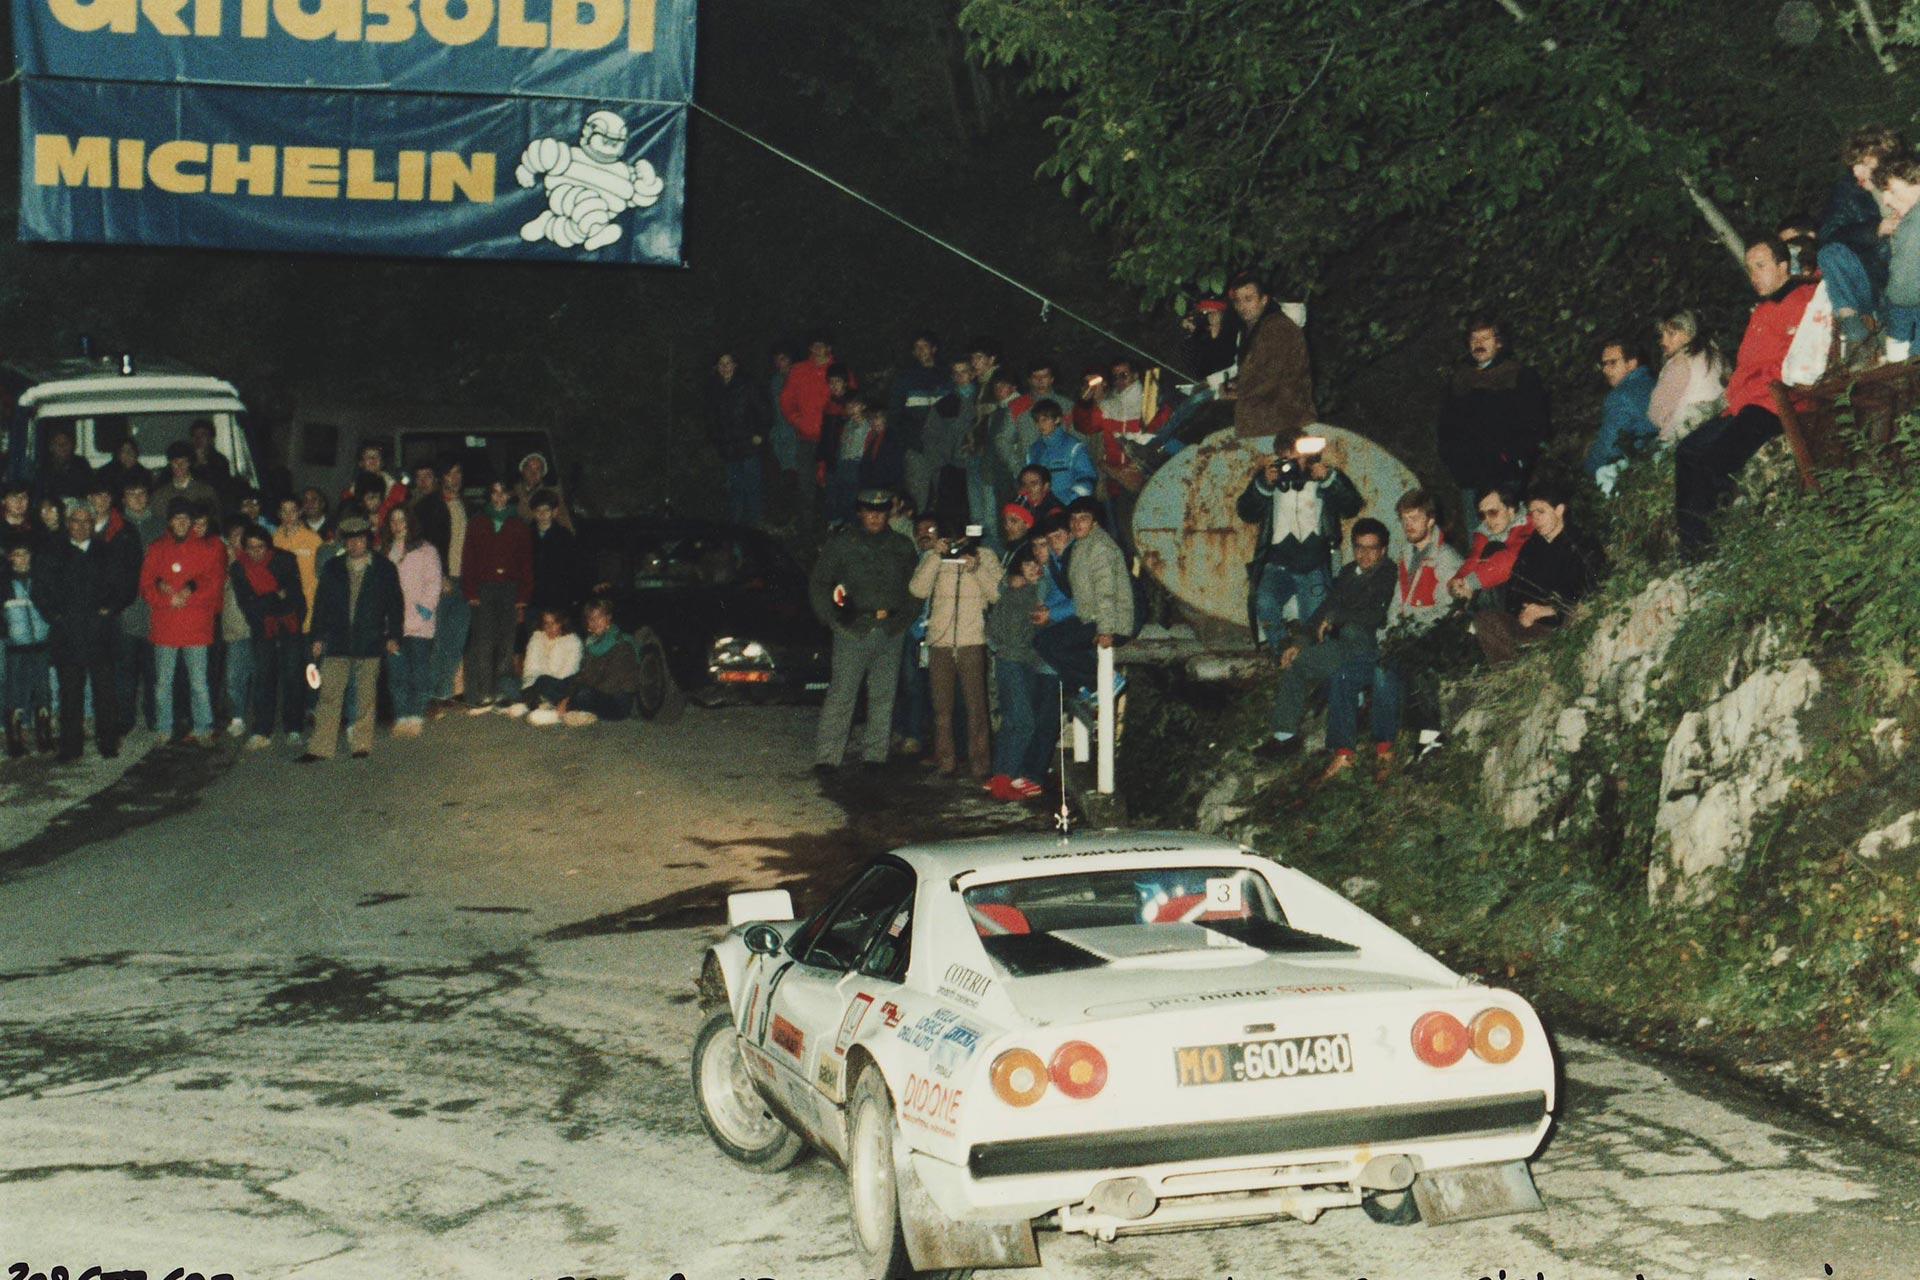 Ferrari-308-GTB-Michelotto-Group-B-for-sale-29